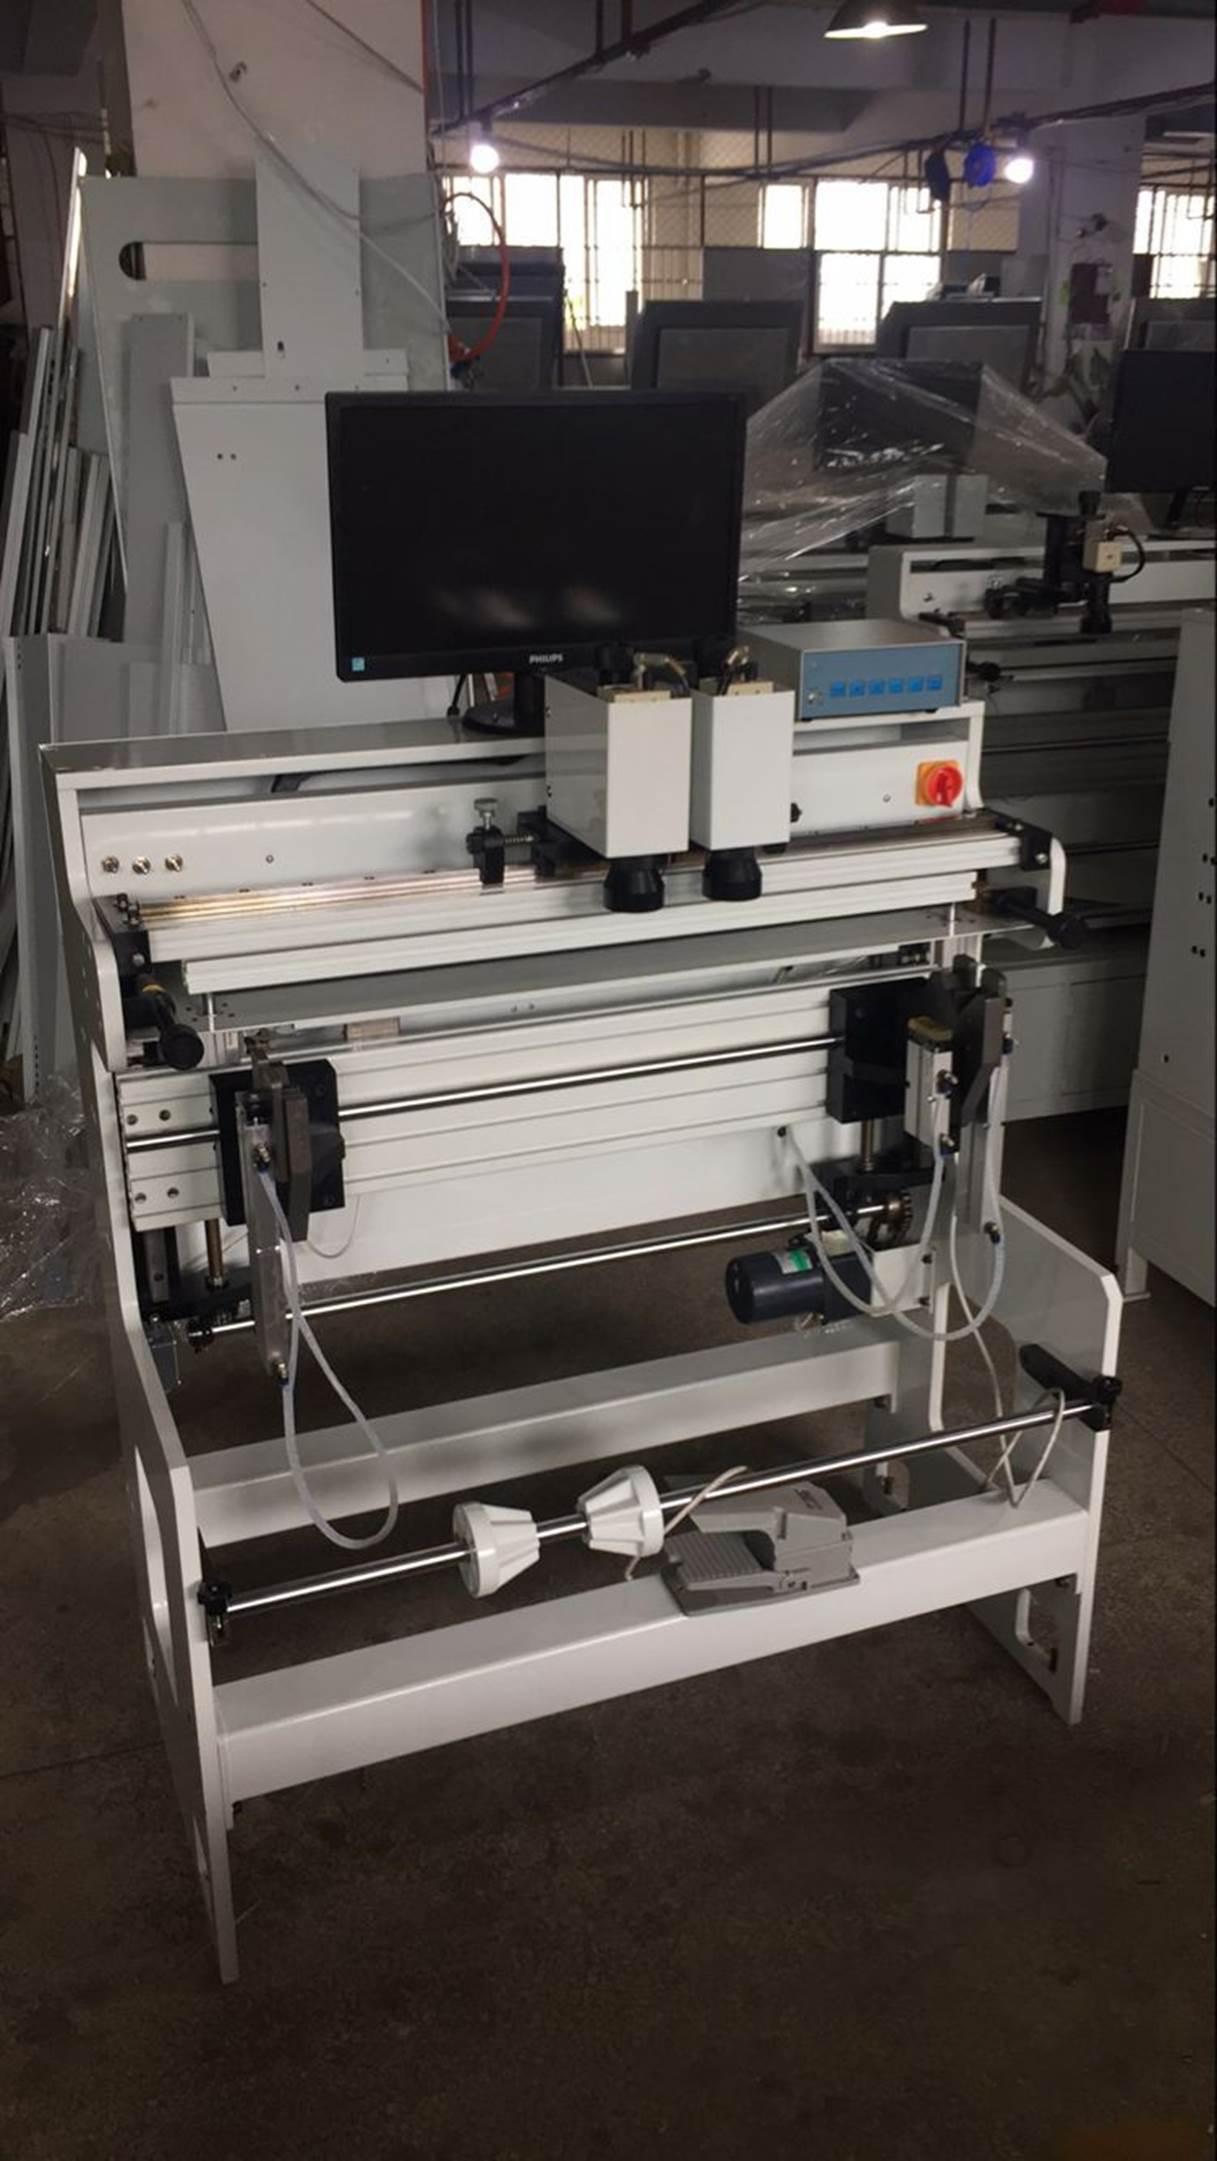 Подробные фотографии системы наклейки флексографских форм SM-450  для наклейки форм на формные цилиндры итальянской печатной машины. Фото 1.